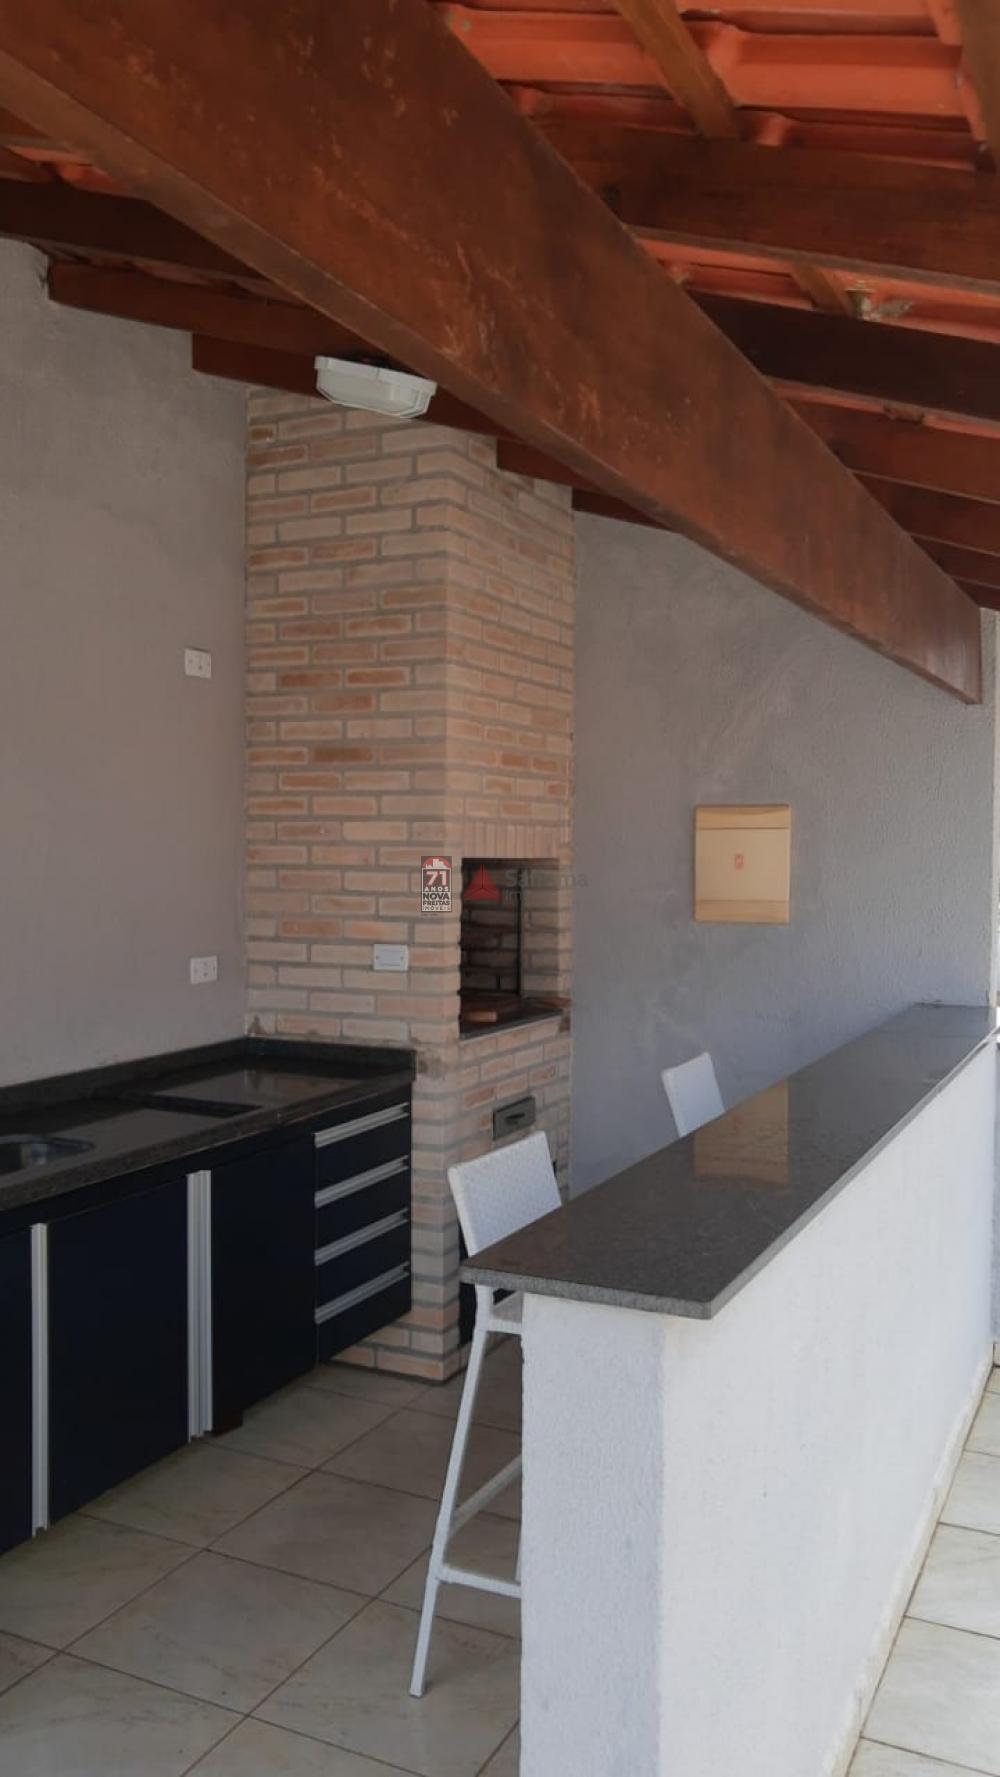 Comprar Apartamento / Padrão em Caraguatatuba apenas R$ 950.000,00 - Foto 36